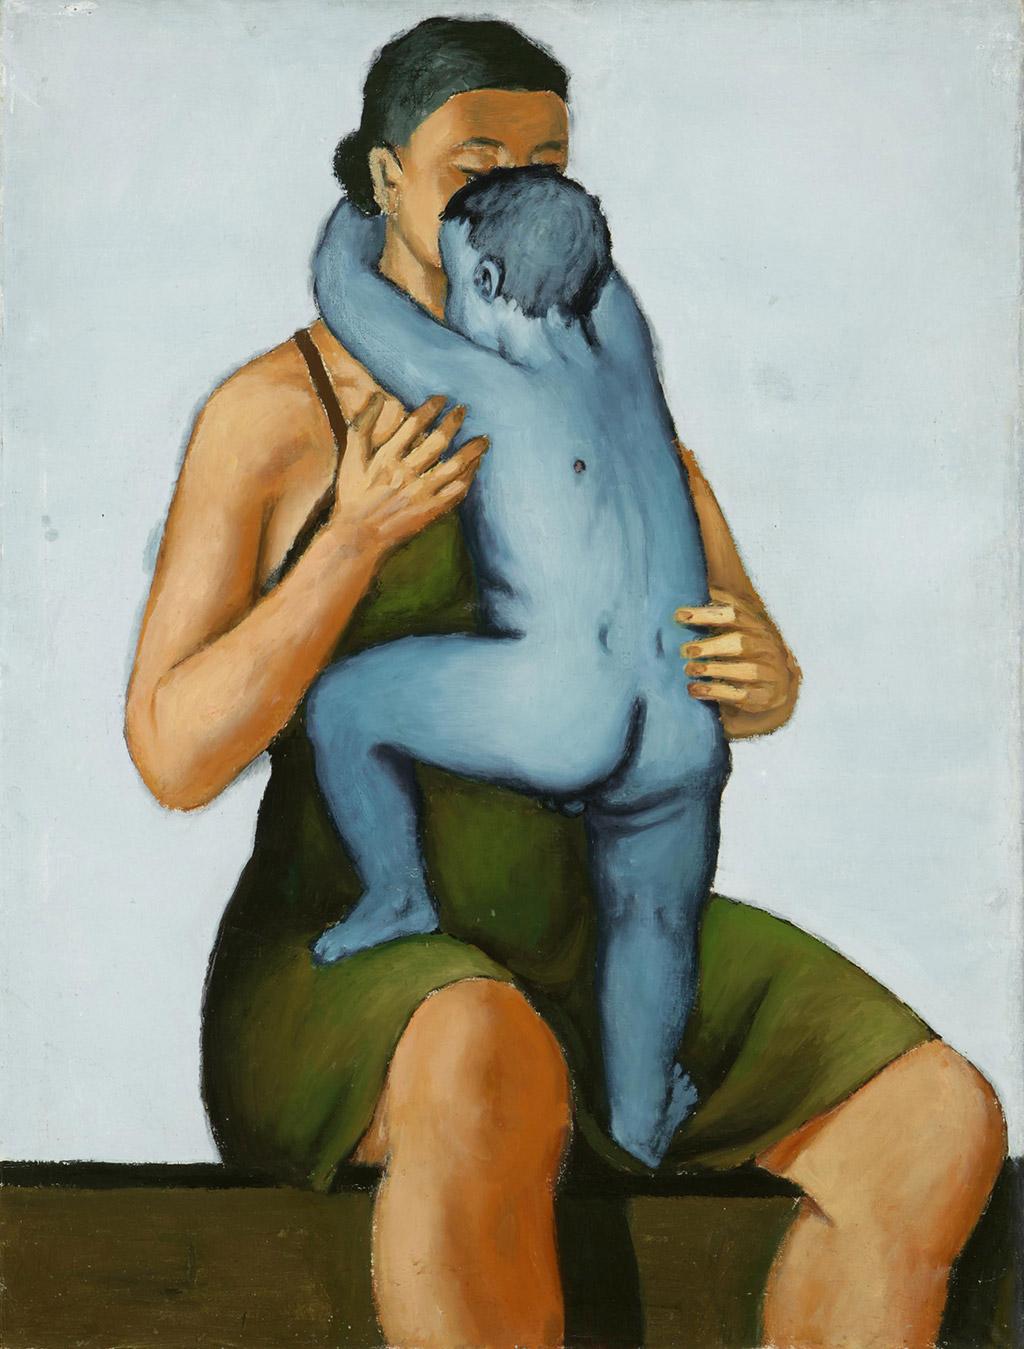 Andrzej Wróblewski, Matka z martwym dzieckiem, II wojna światowa, sztuka polska, Niezła Sztuka